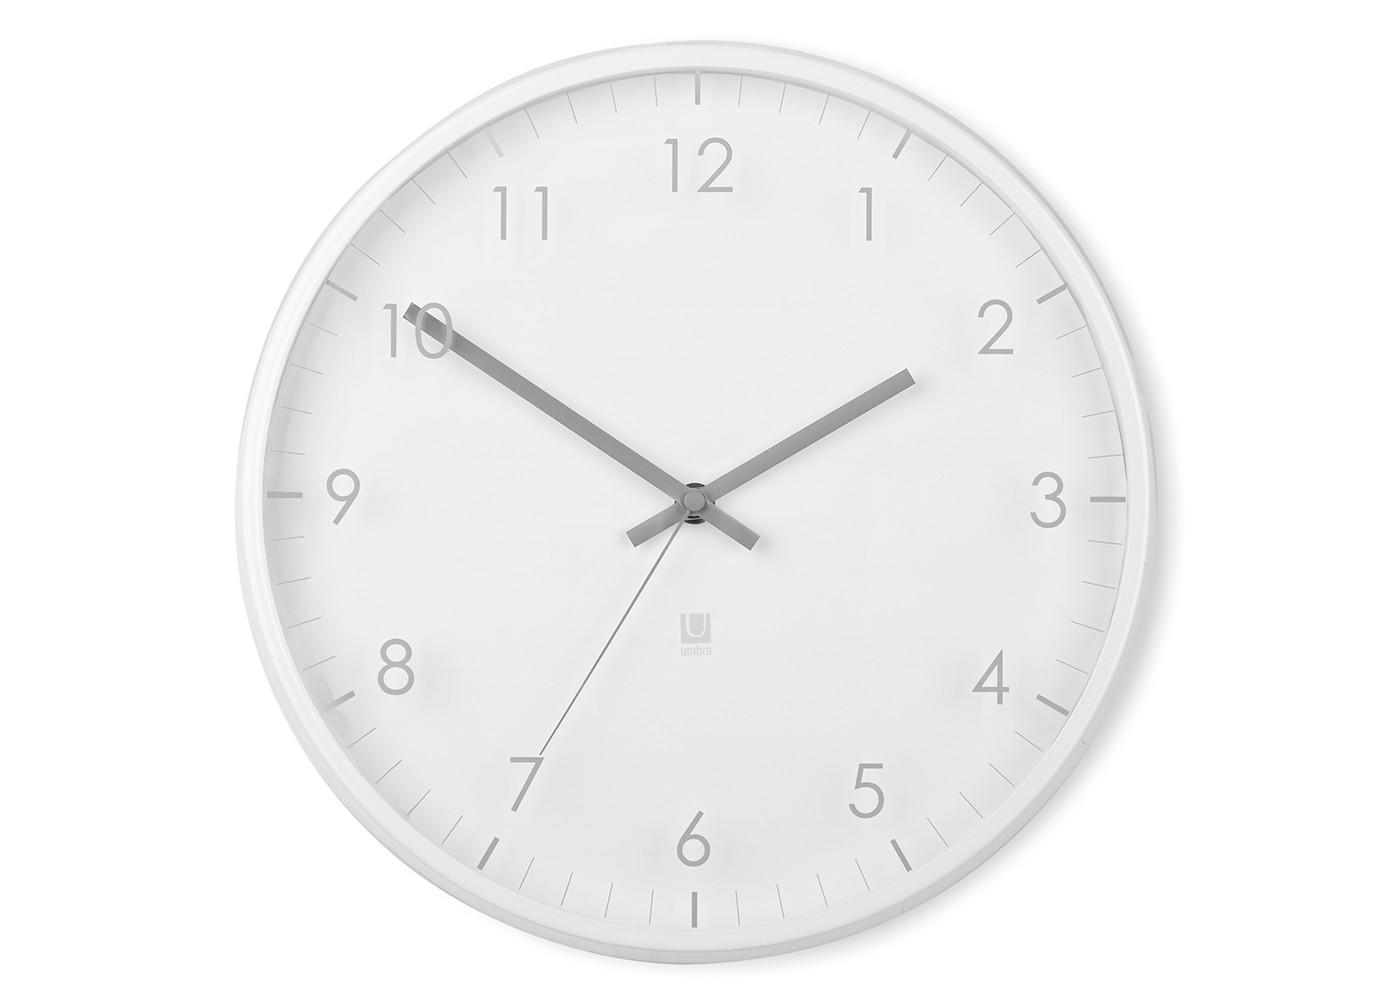 Часы настенные PaceНастенные часы<br>Настенные часы с незаметной на первый взгляд, но весьма оригинальной деталью: цифры и деления нарисованы не на циферблате, а на наружнем стекле. Обрамлены металлическим ободом.  Работают от одной стандартной батарейки АА (в комплект не входит).&amp;lt;div&amp;gt;&amp;lt;br&amp;gt;&amp;lt;/div&amp;gt;&amp;lt;div&amp;gt;Дизайн: Umbra Studio&amp;lt;/div&amp;gt;<br><br>Material: Стекло<br>Depth см: 4<br>Diameter см: 32